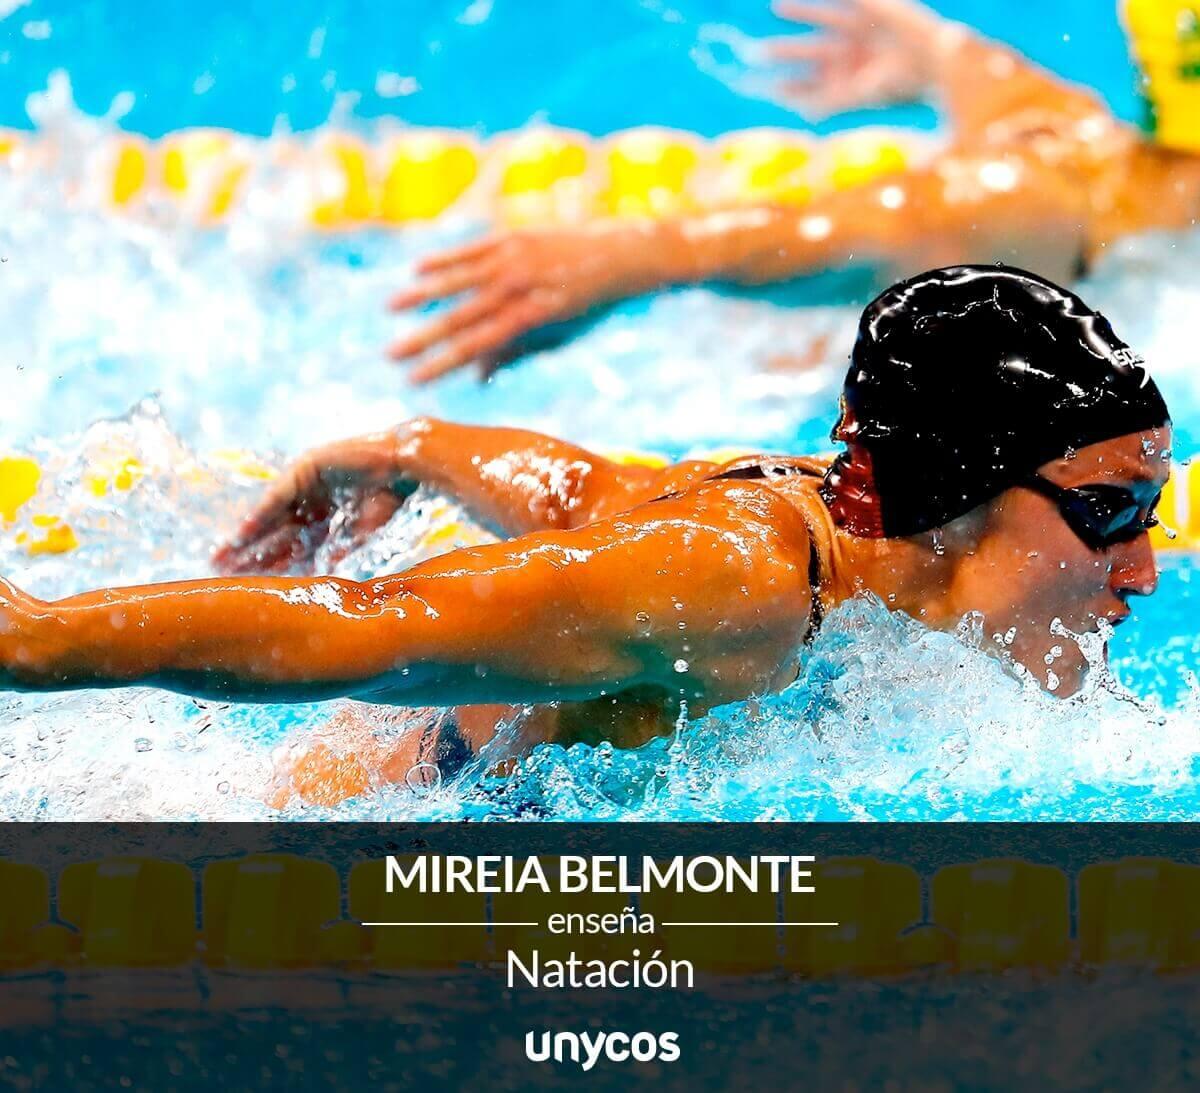 olympian swimmer mireia belmonte